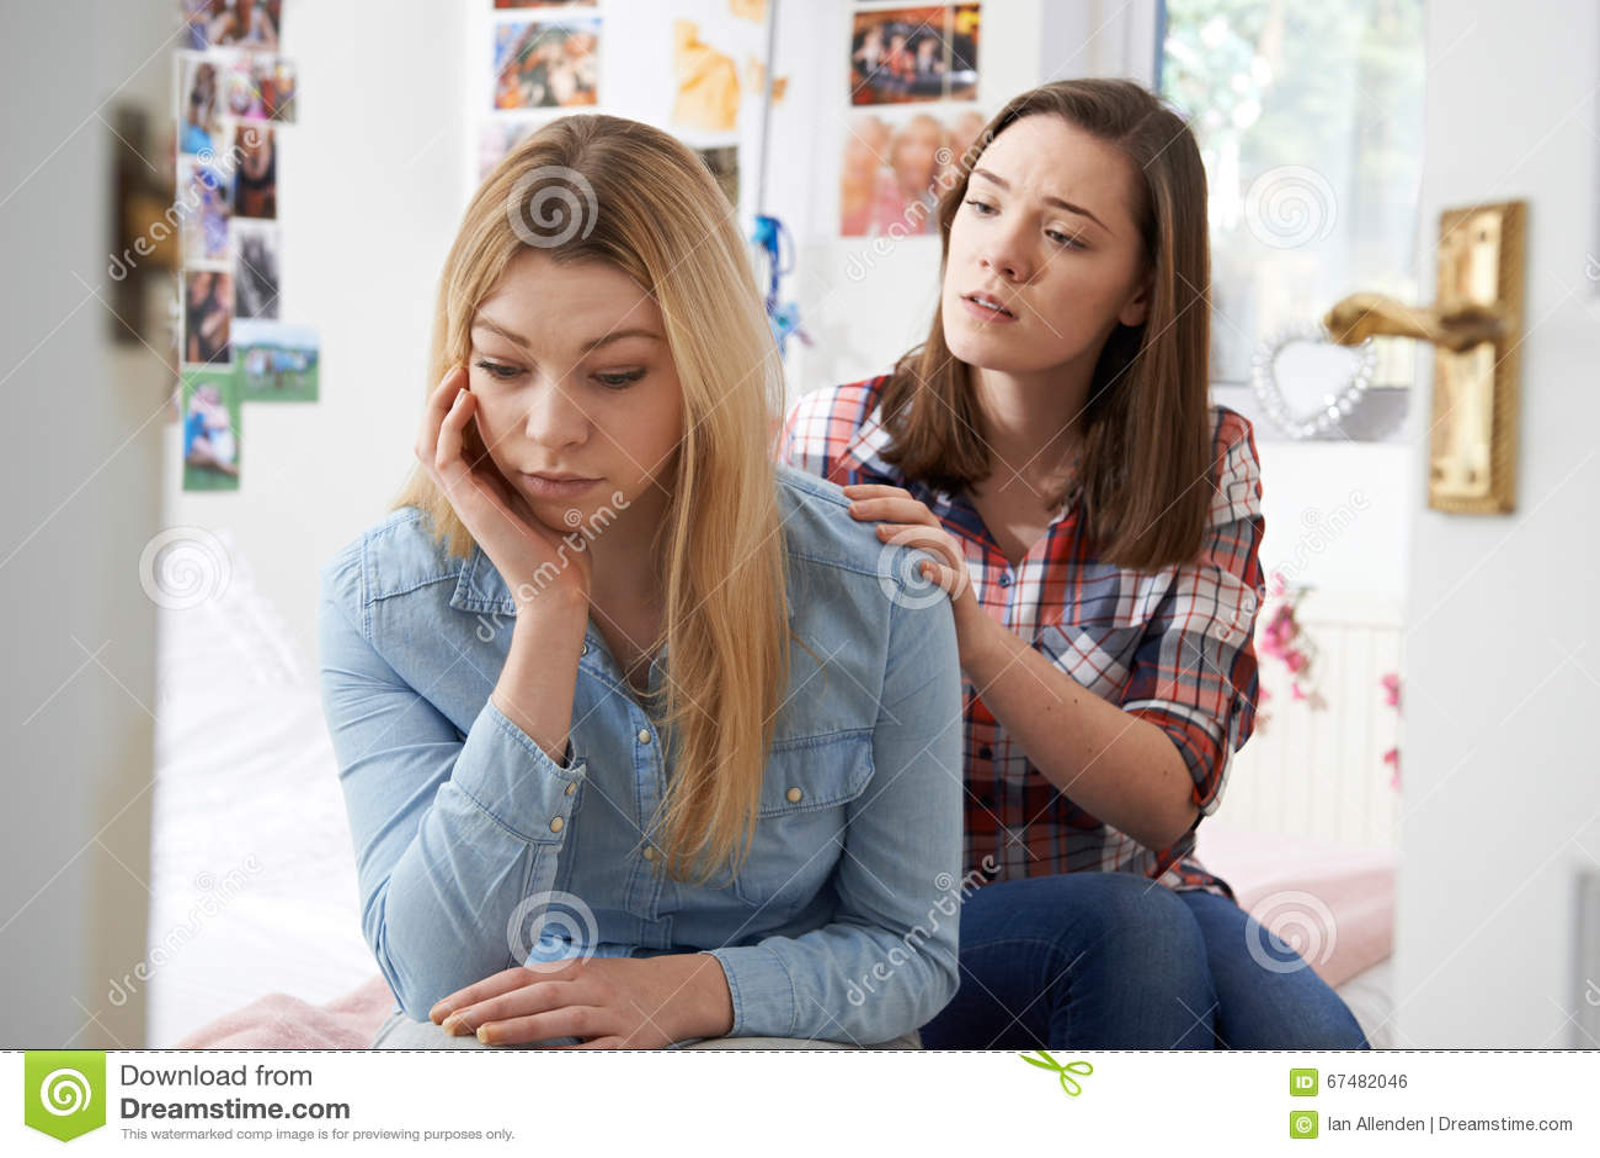 Adolescente che conforta amico infelice in camera da letto